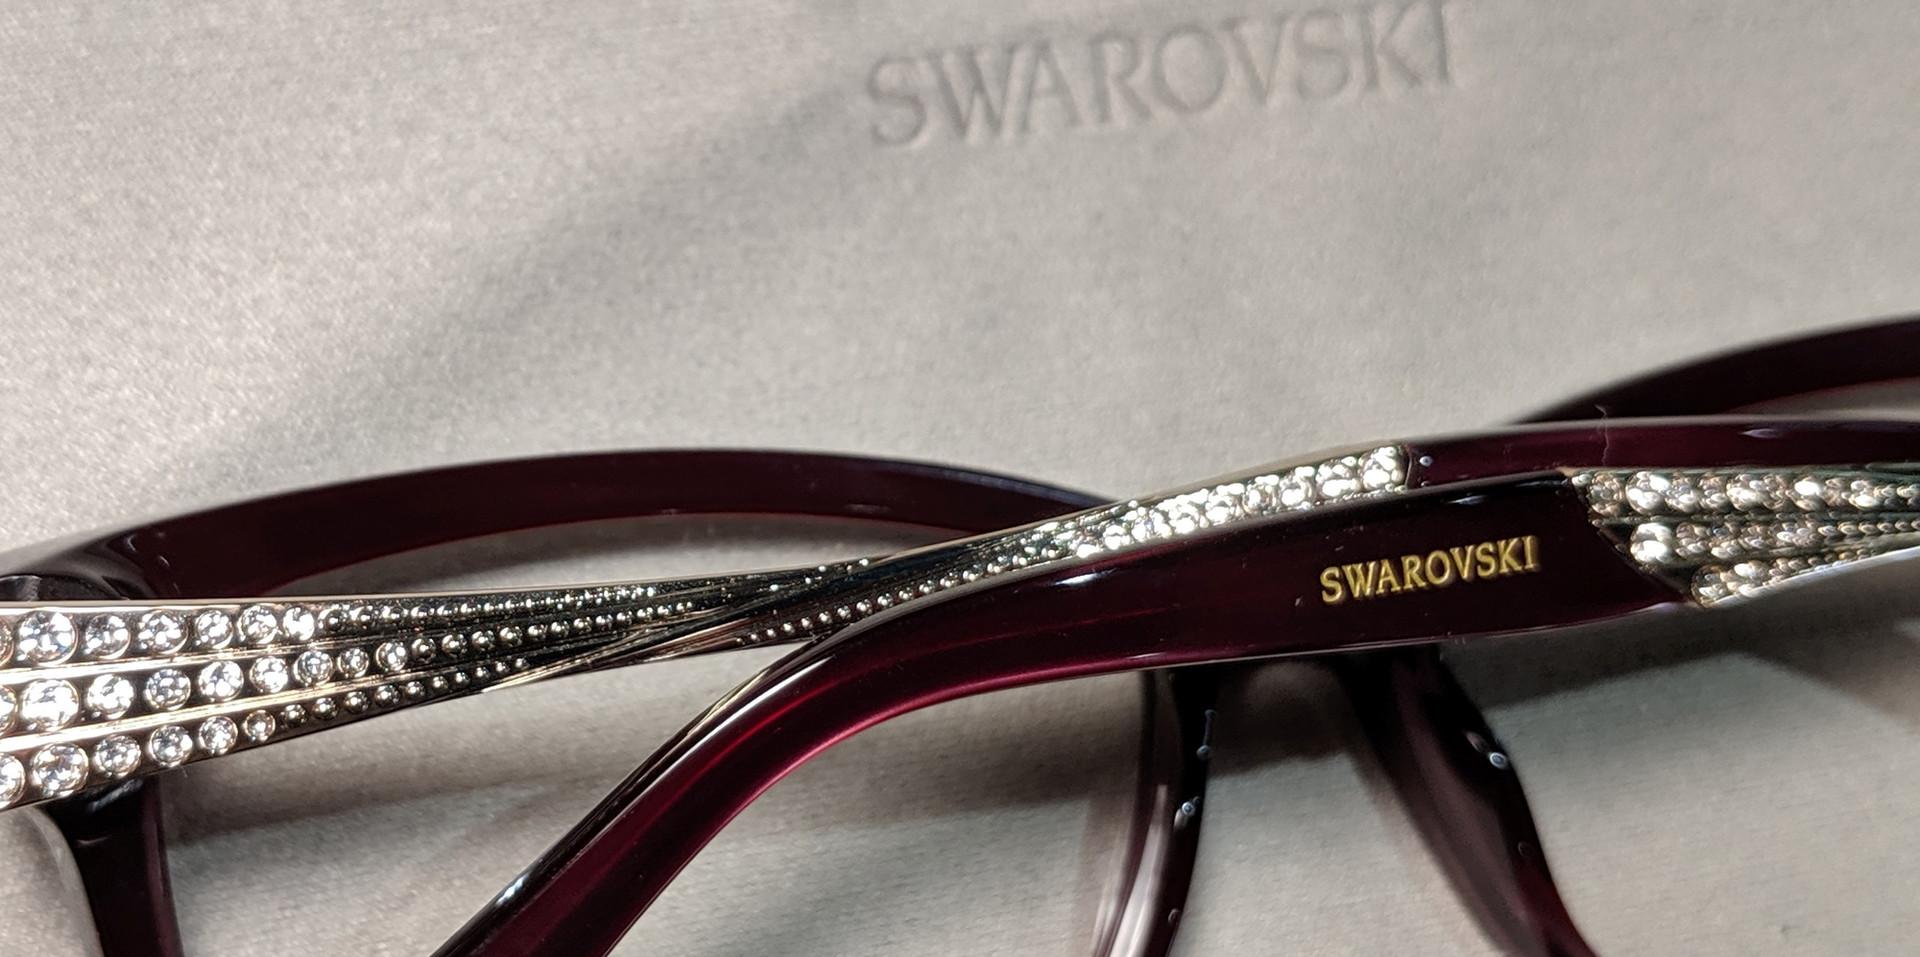 Swarovski1.jpg